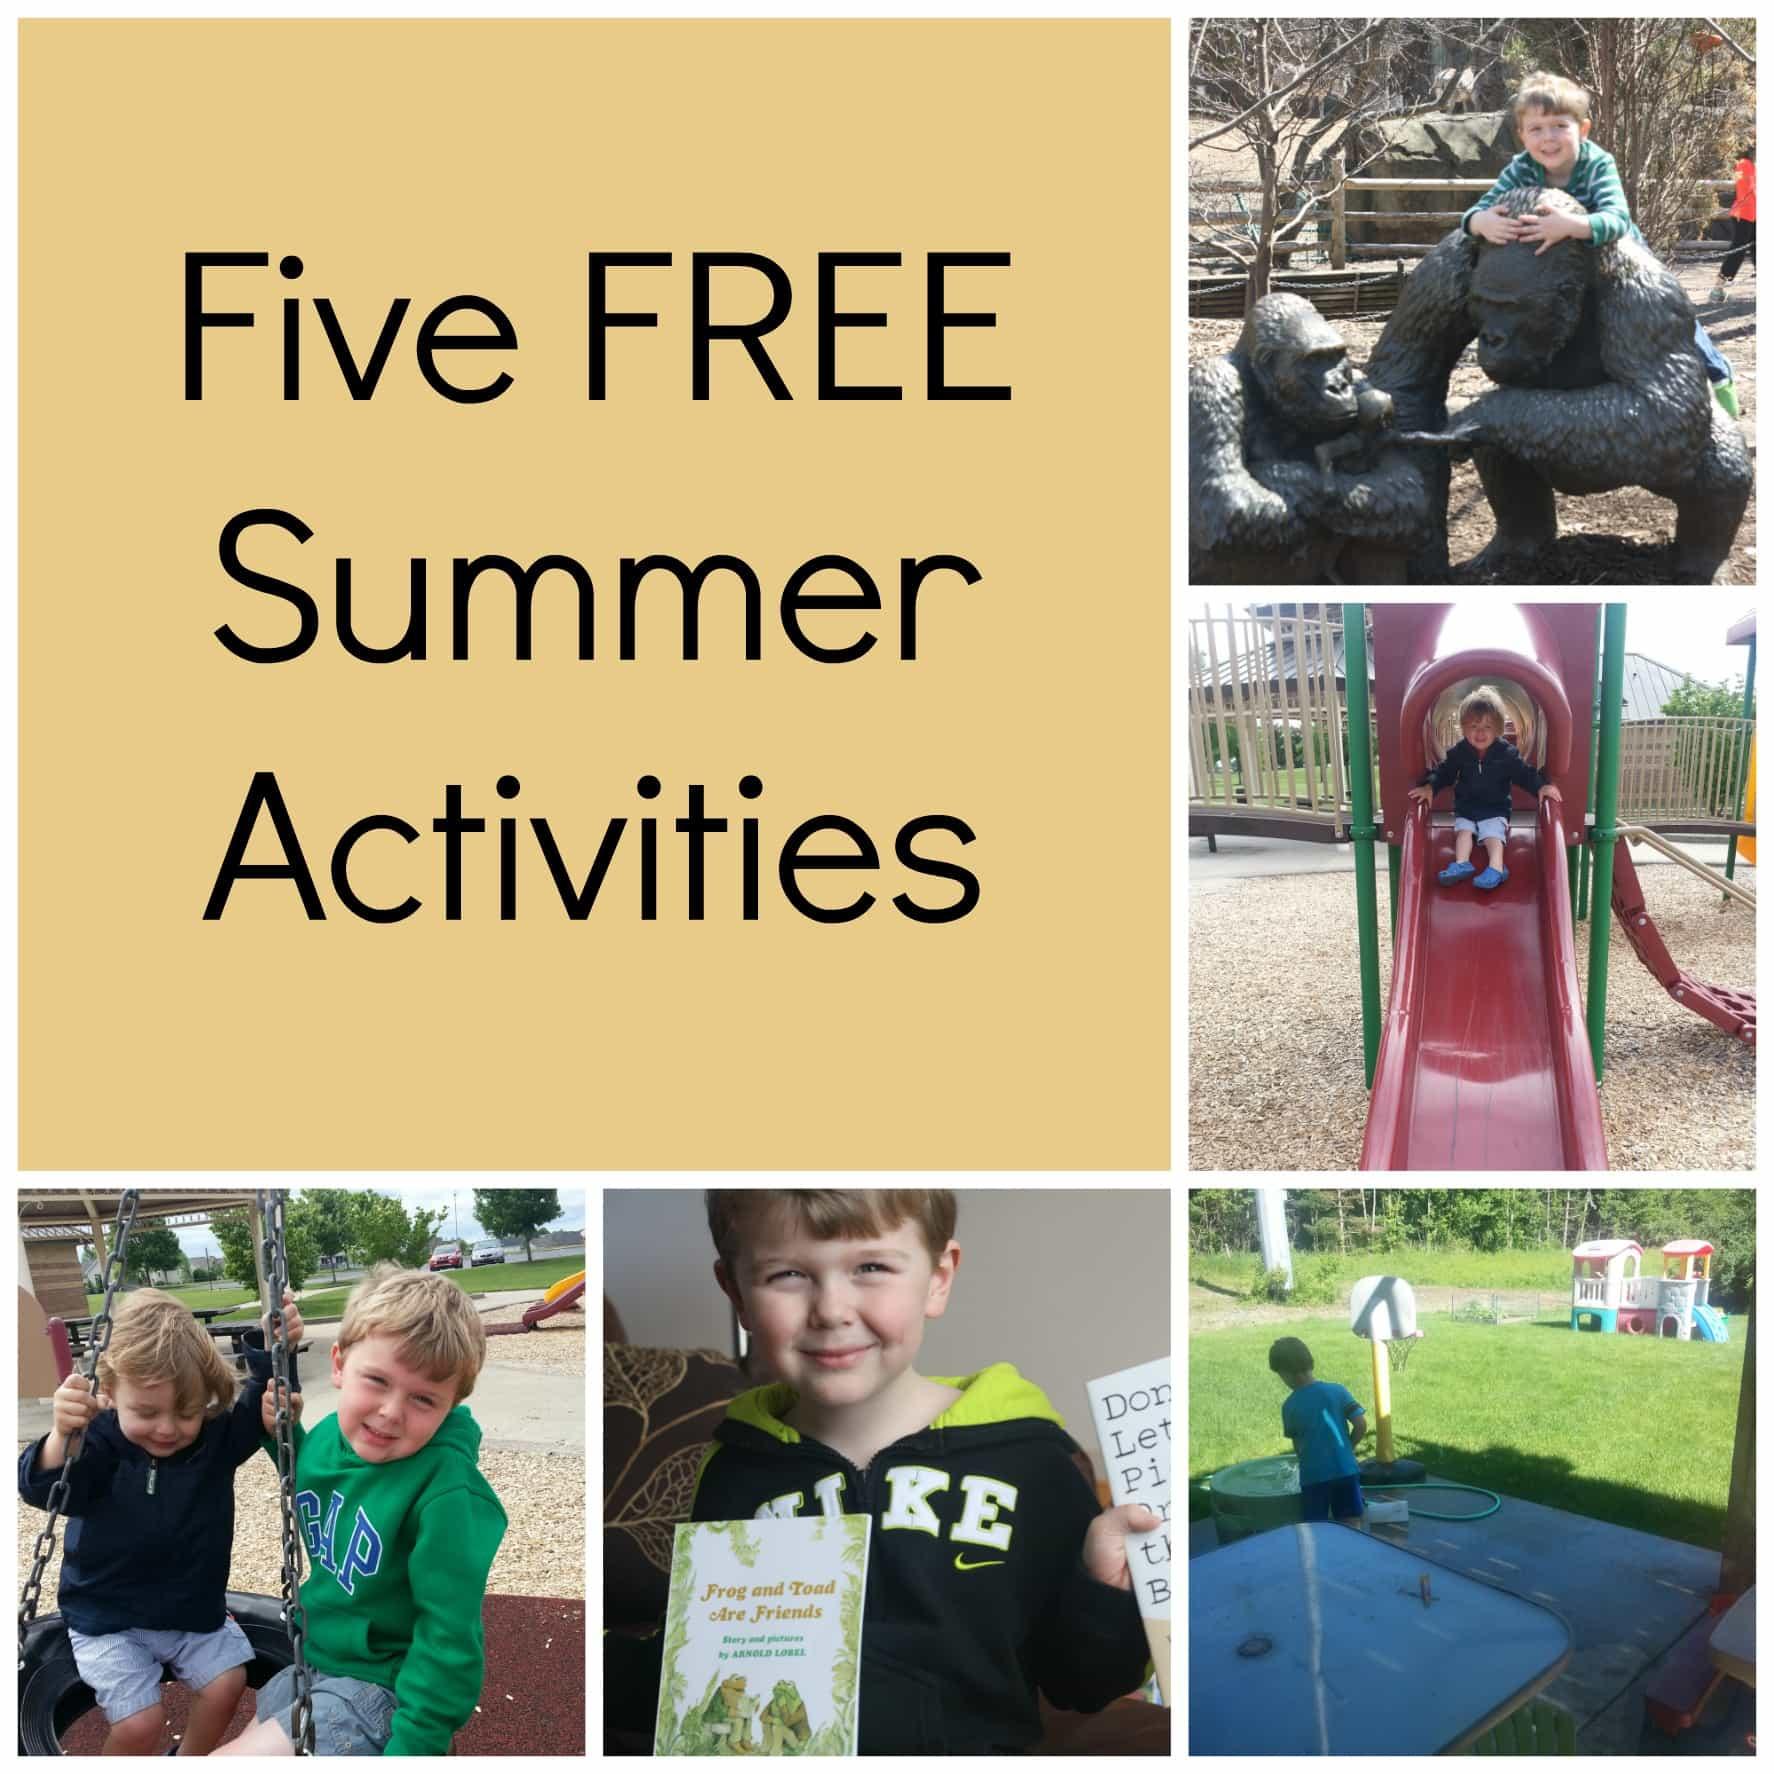 Five FREE Summer Activities 1